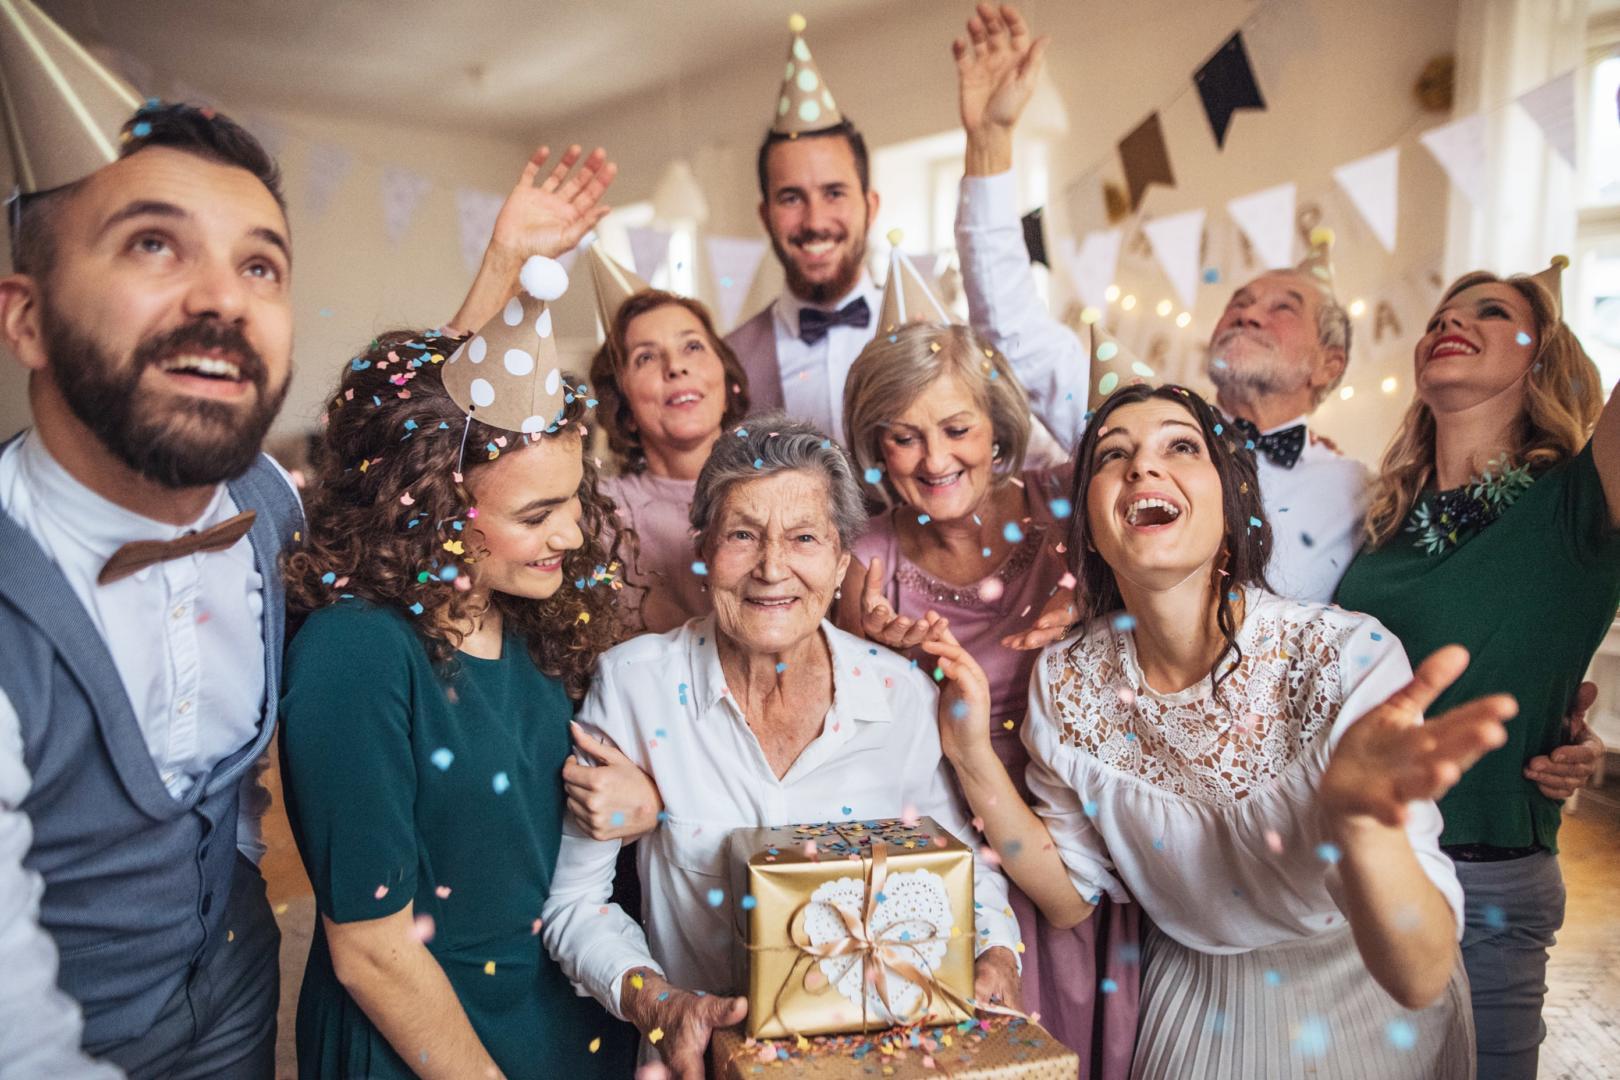 Birthday celebration family